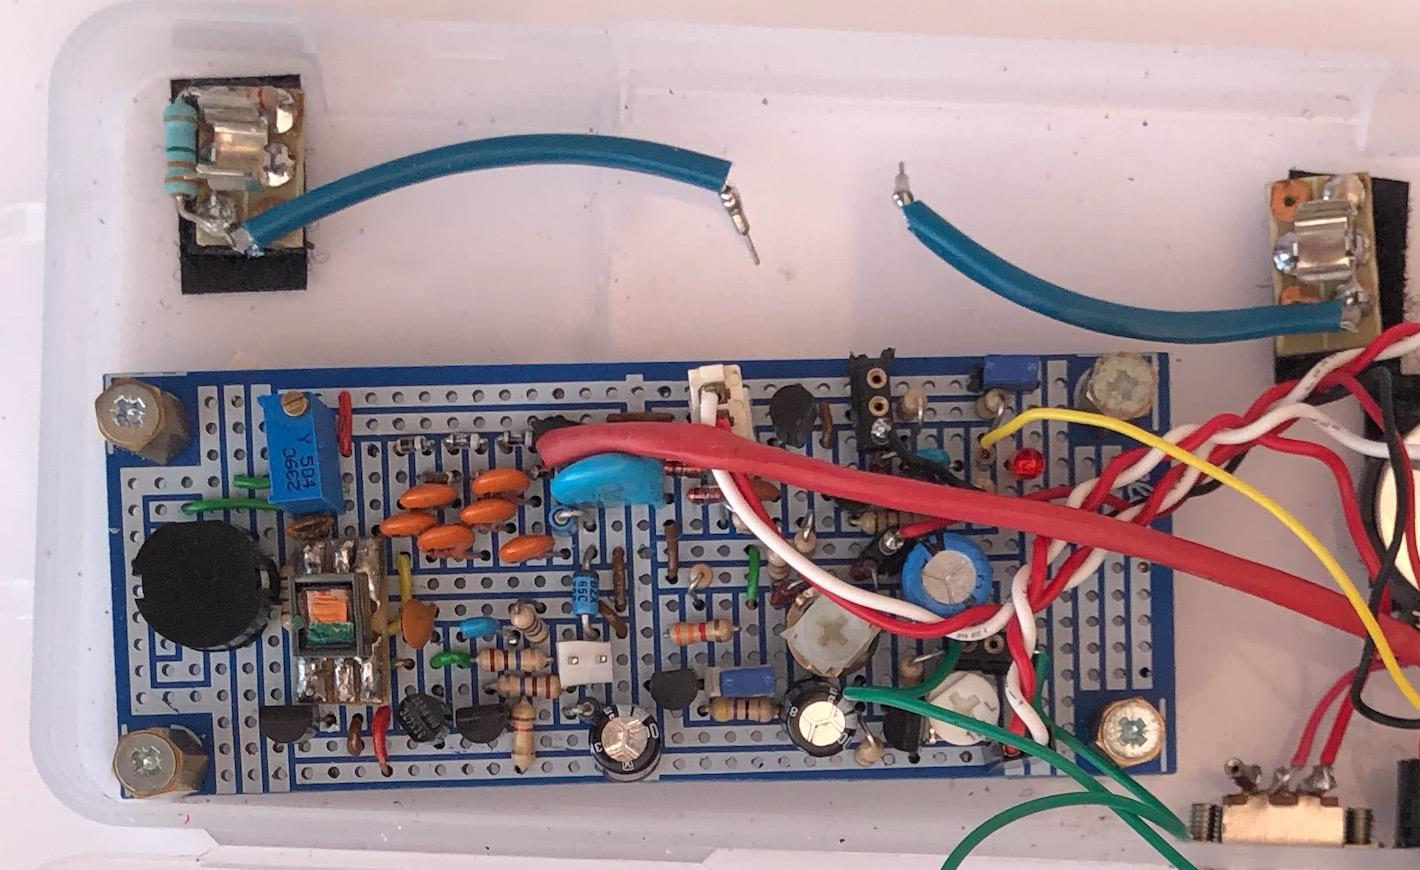 Un projet de compteur geiger à transistors - Page 2 Captu515